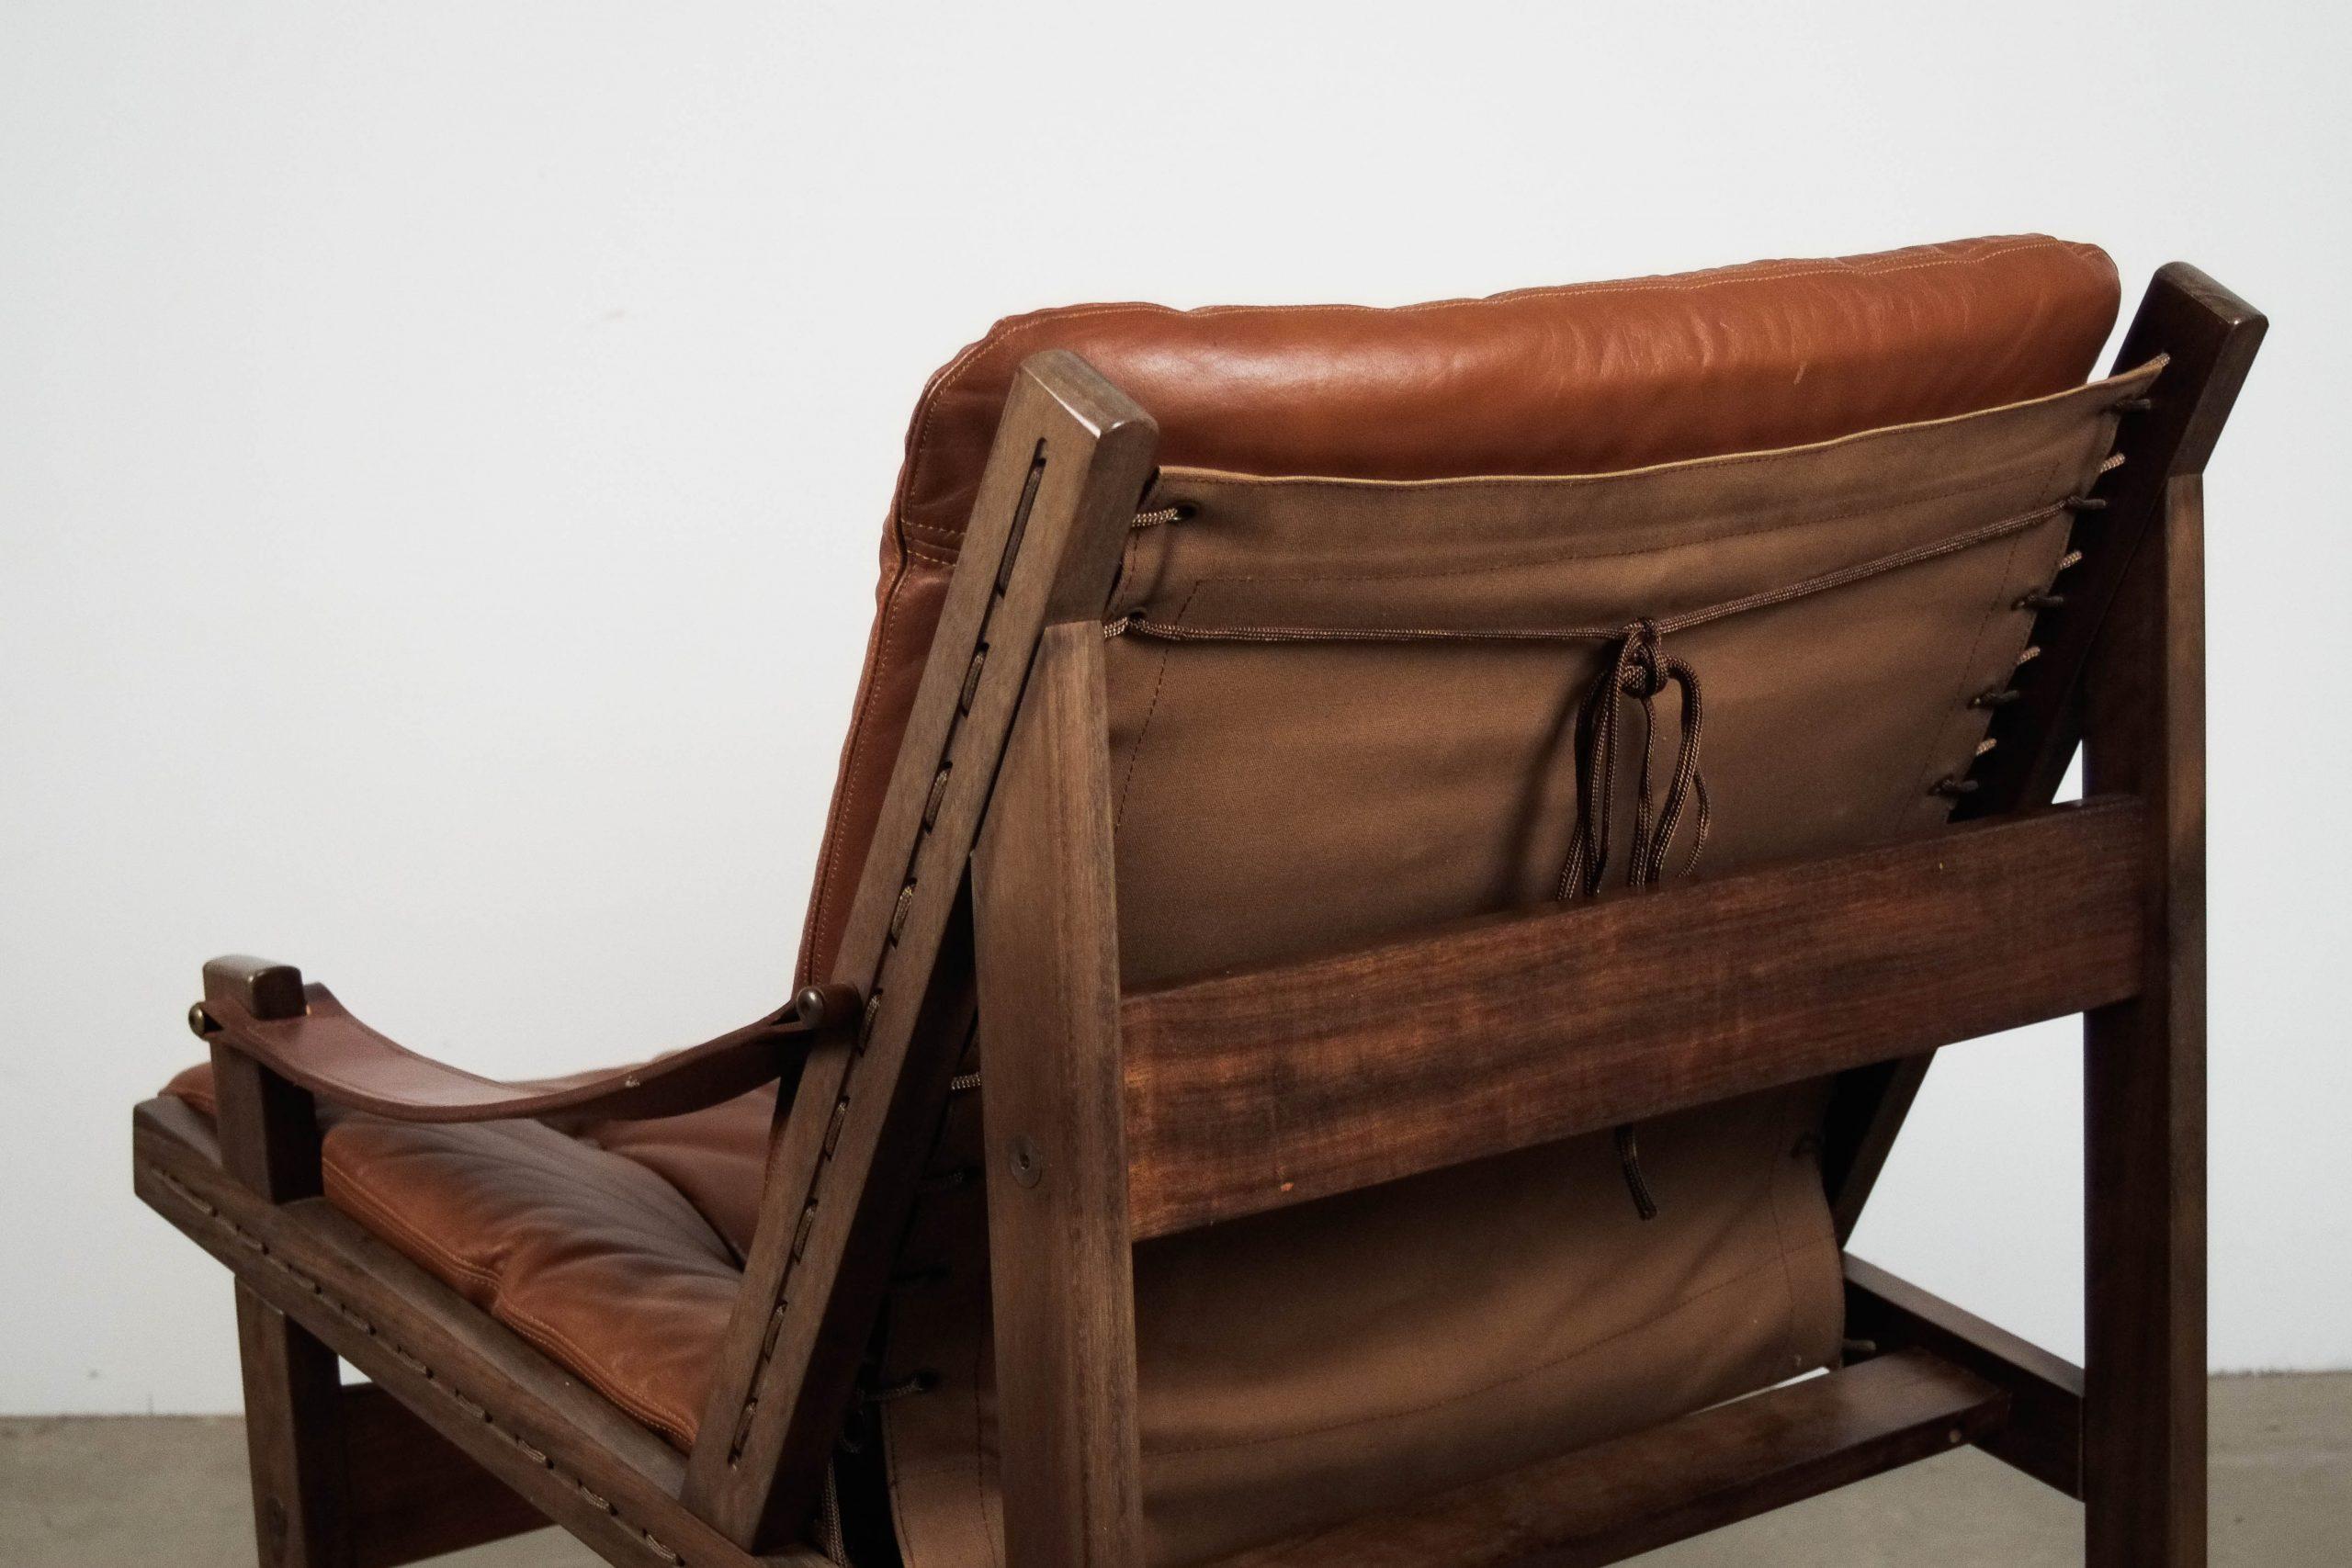 butaca marron de piel de calidad diseño madera vintage retro calidad estilo